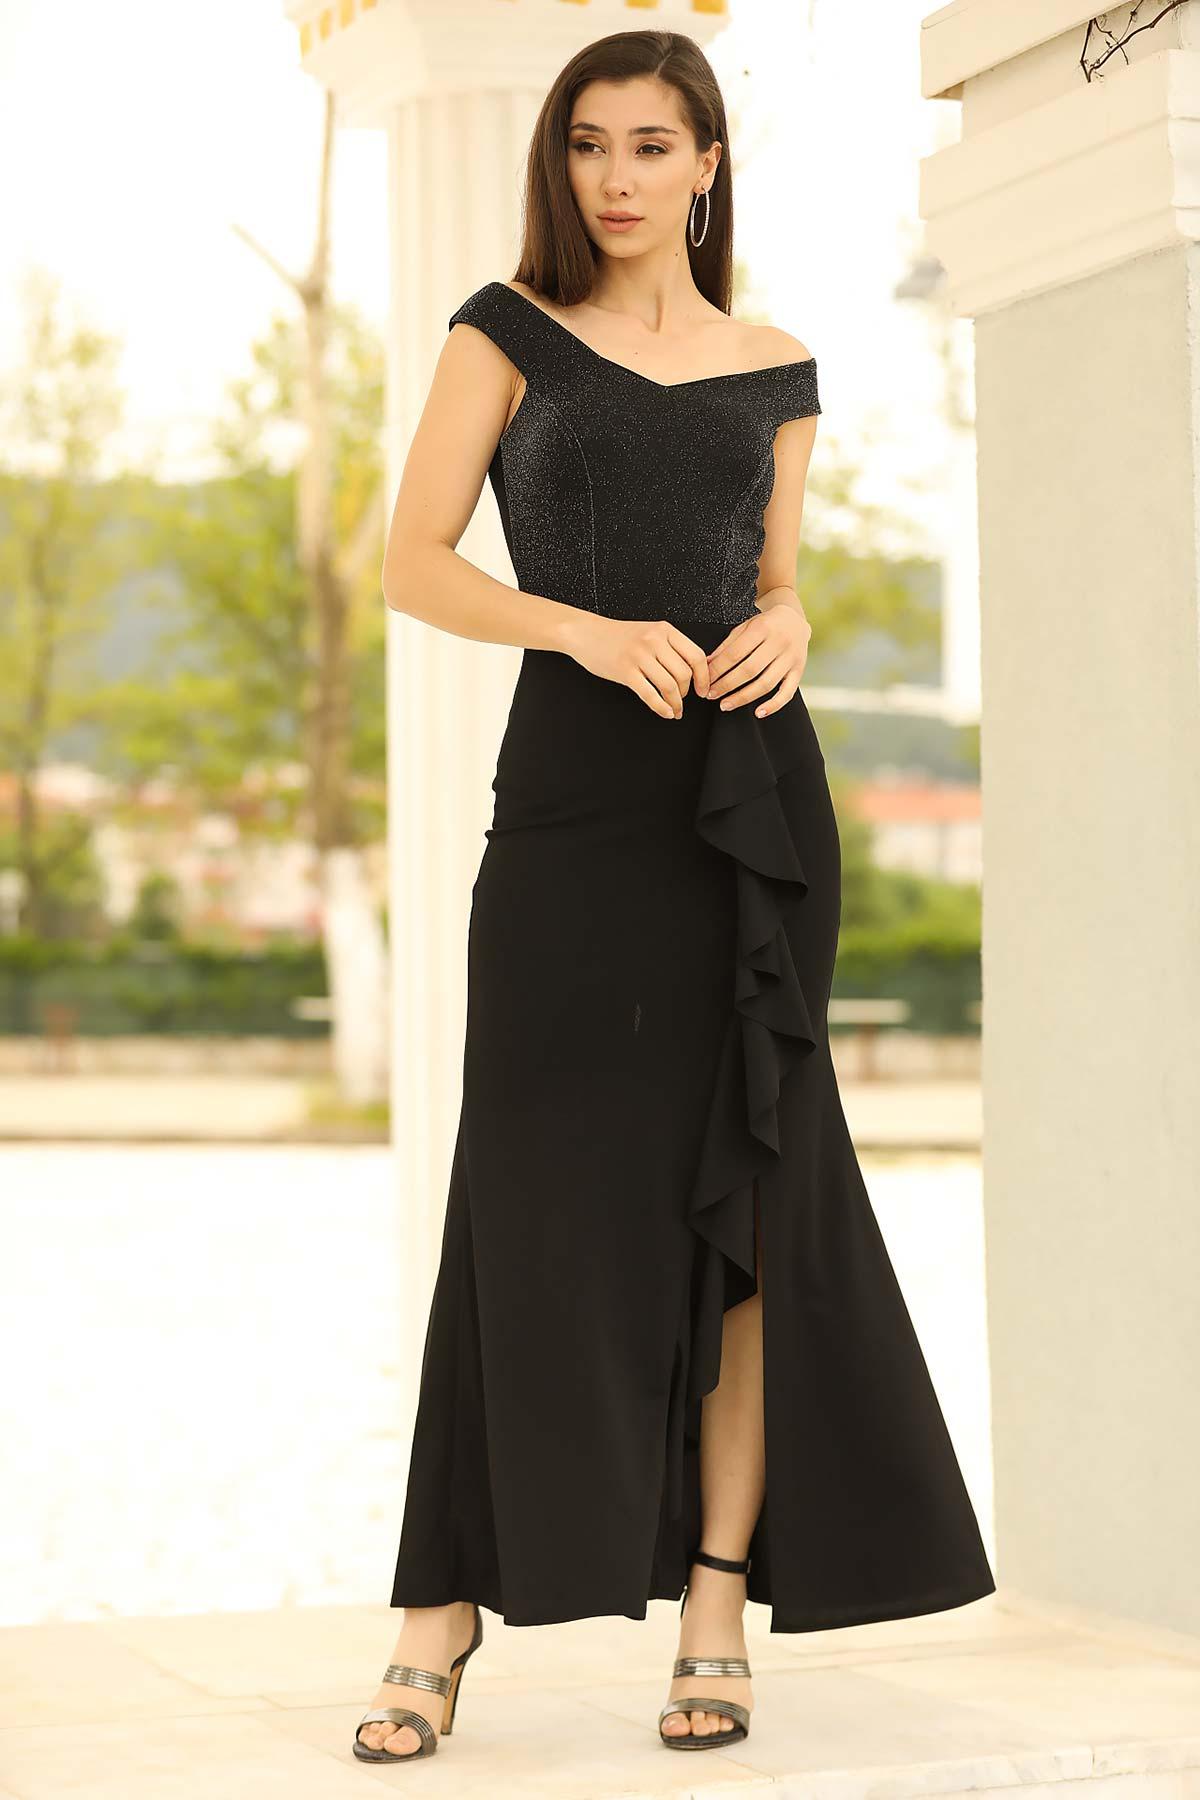 فستان سهرة أسود لامع بفتحة و رقبة بدون أكتاف موديل سمكة نسائي